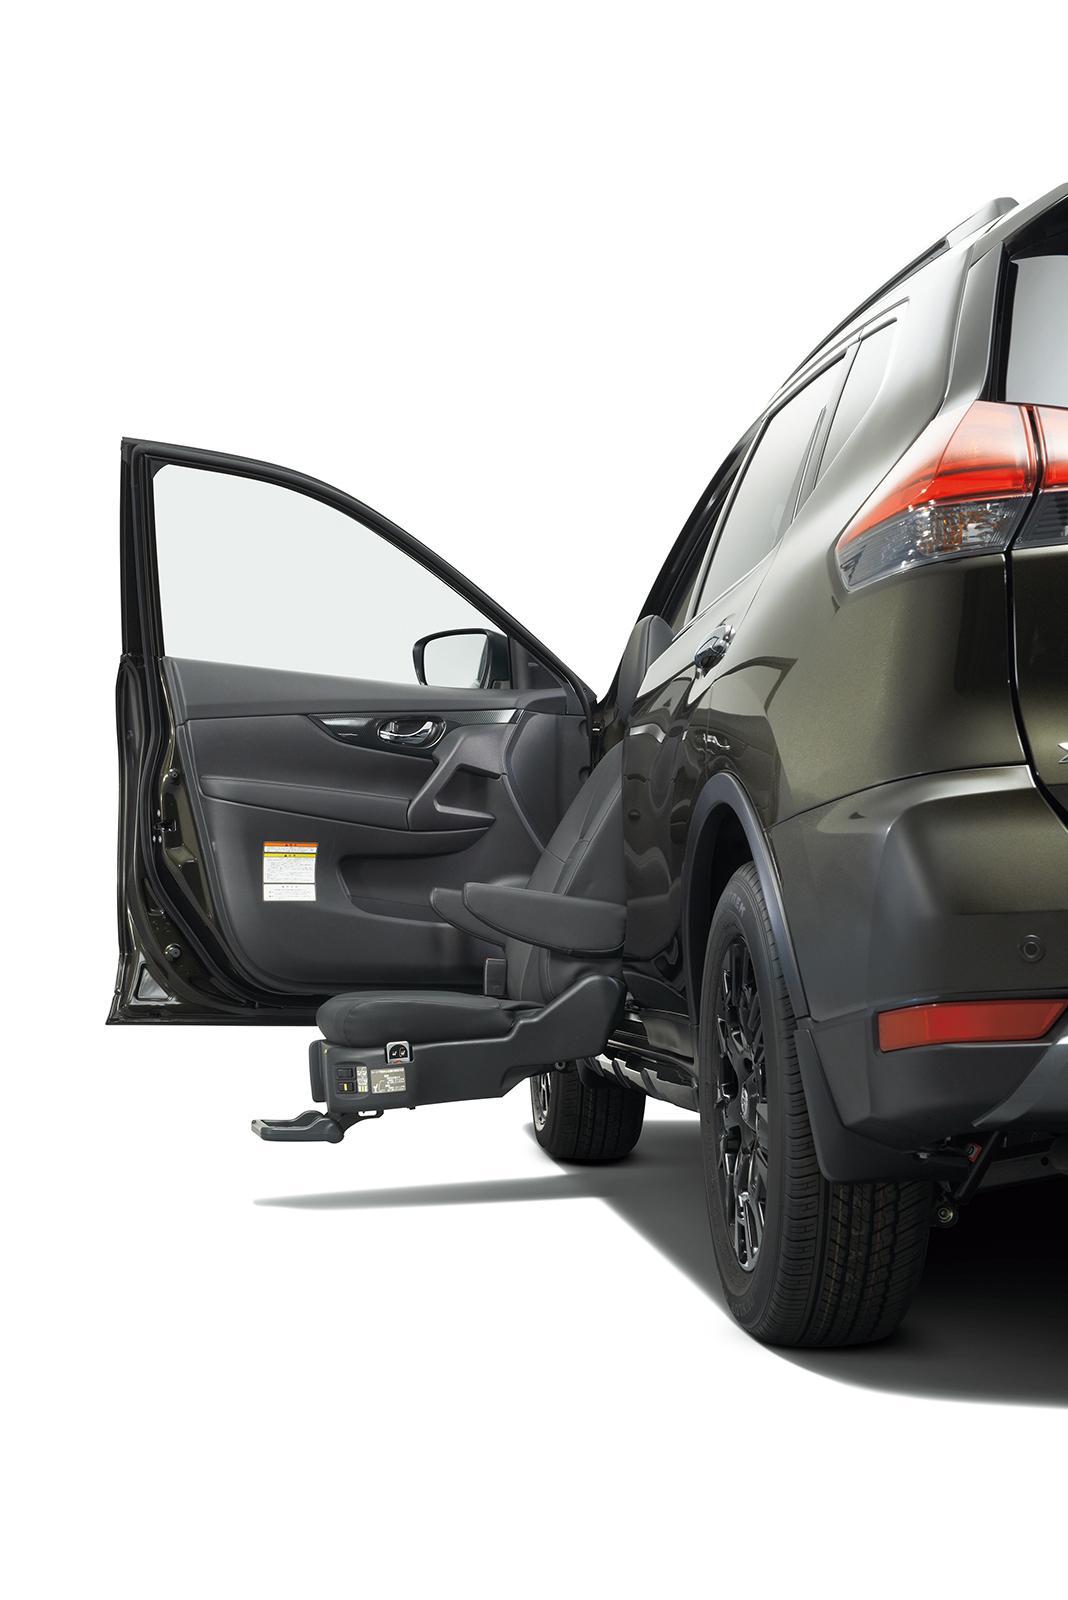 日産エクストレイルが安全装備充実など一部仕様を向上 AUTECHは足まわりも進化させる